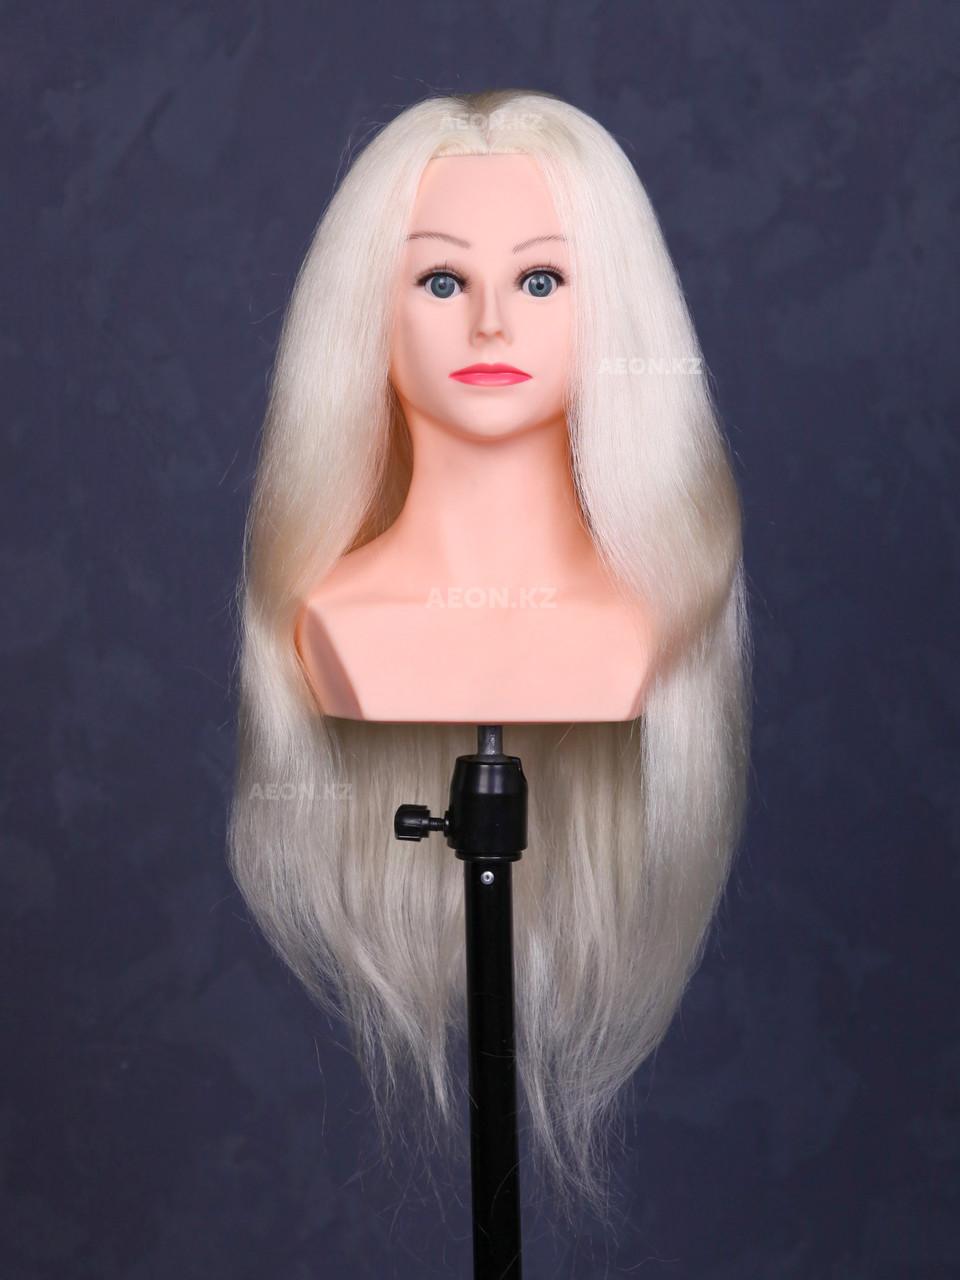 Голова-манекен с торсом блонд волос натуральный (100%) - 70 см